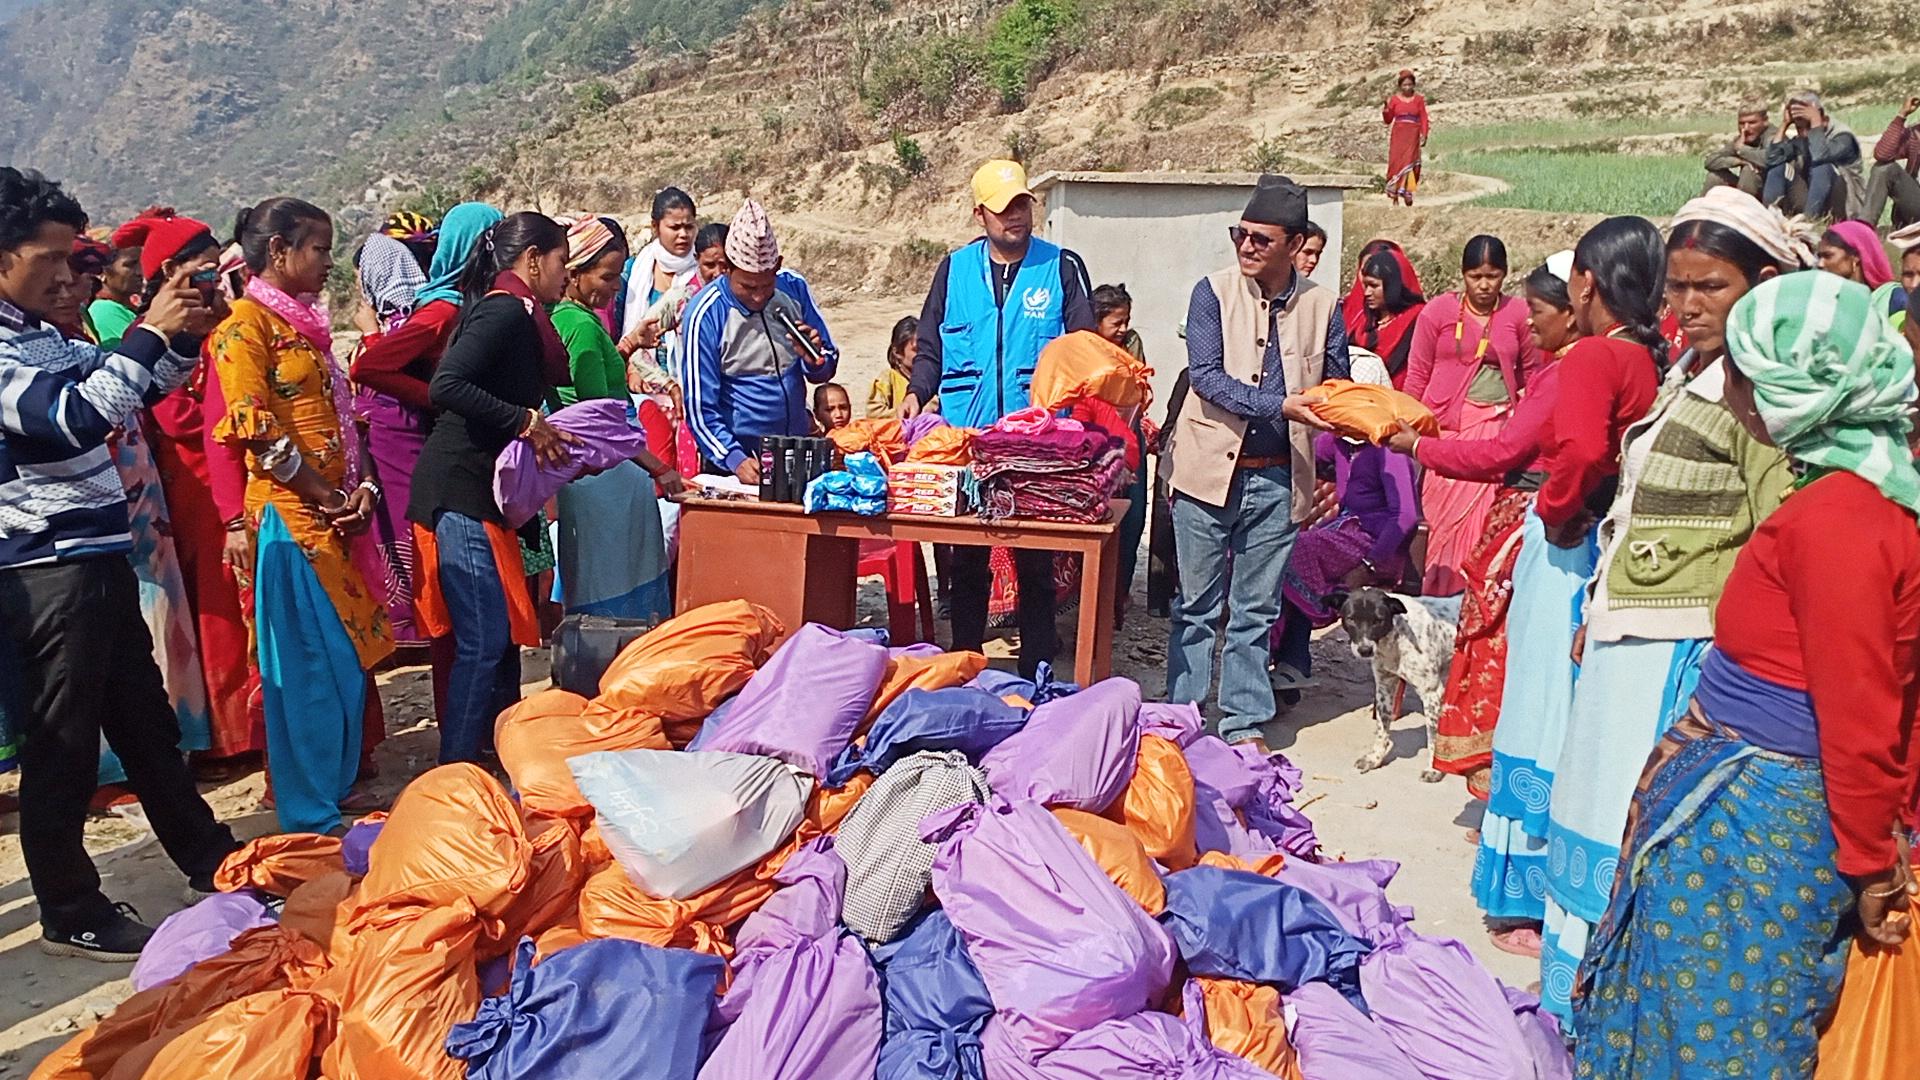 छाउपडी कु. प्रथा विरूद्ध साइन नेपाल : तीन सय महिलाहरुलाई सरसफाइ सामग्री वितरण